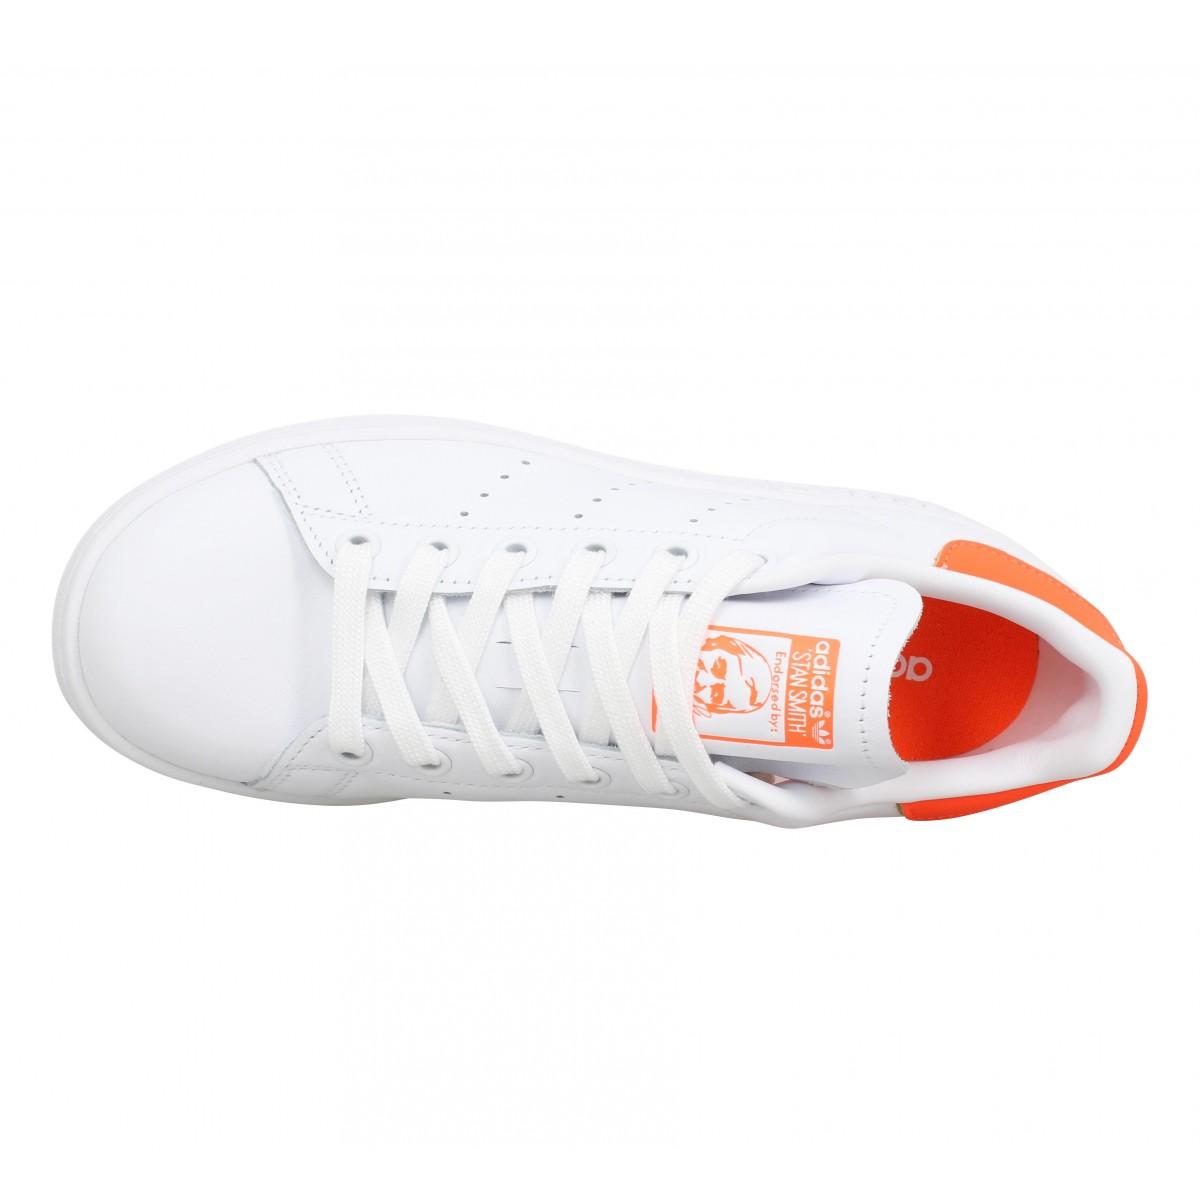 ADIDAS Stan Smith cuir Femme Blanc Orange